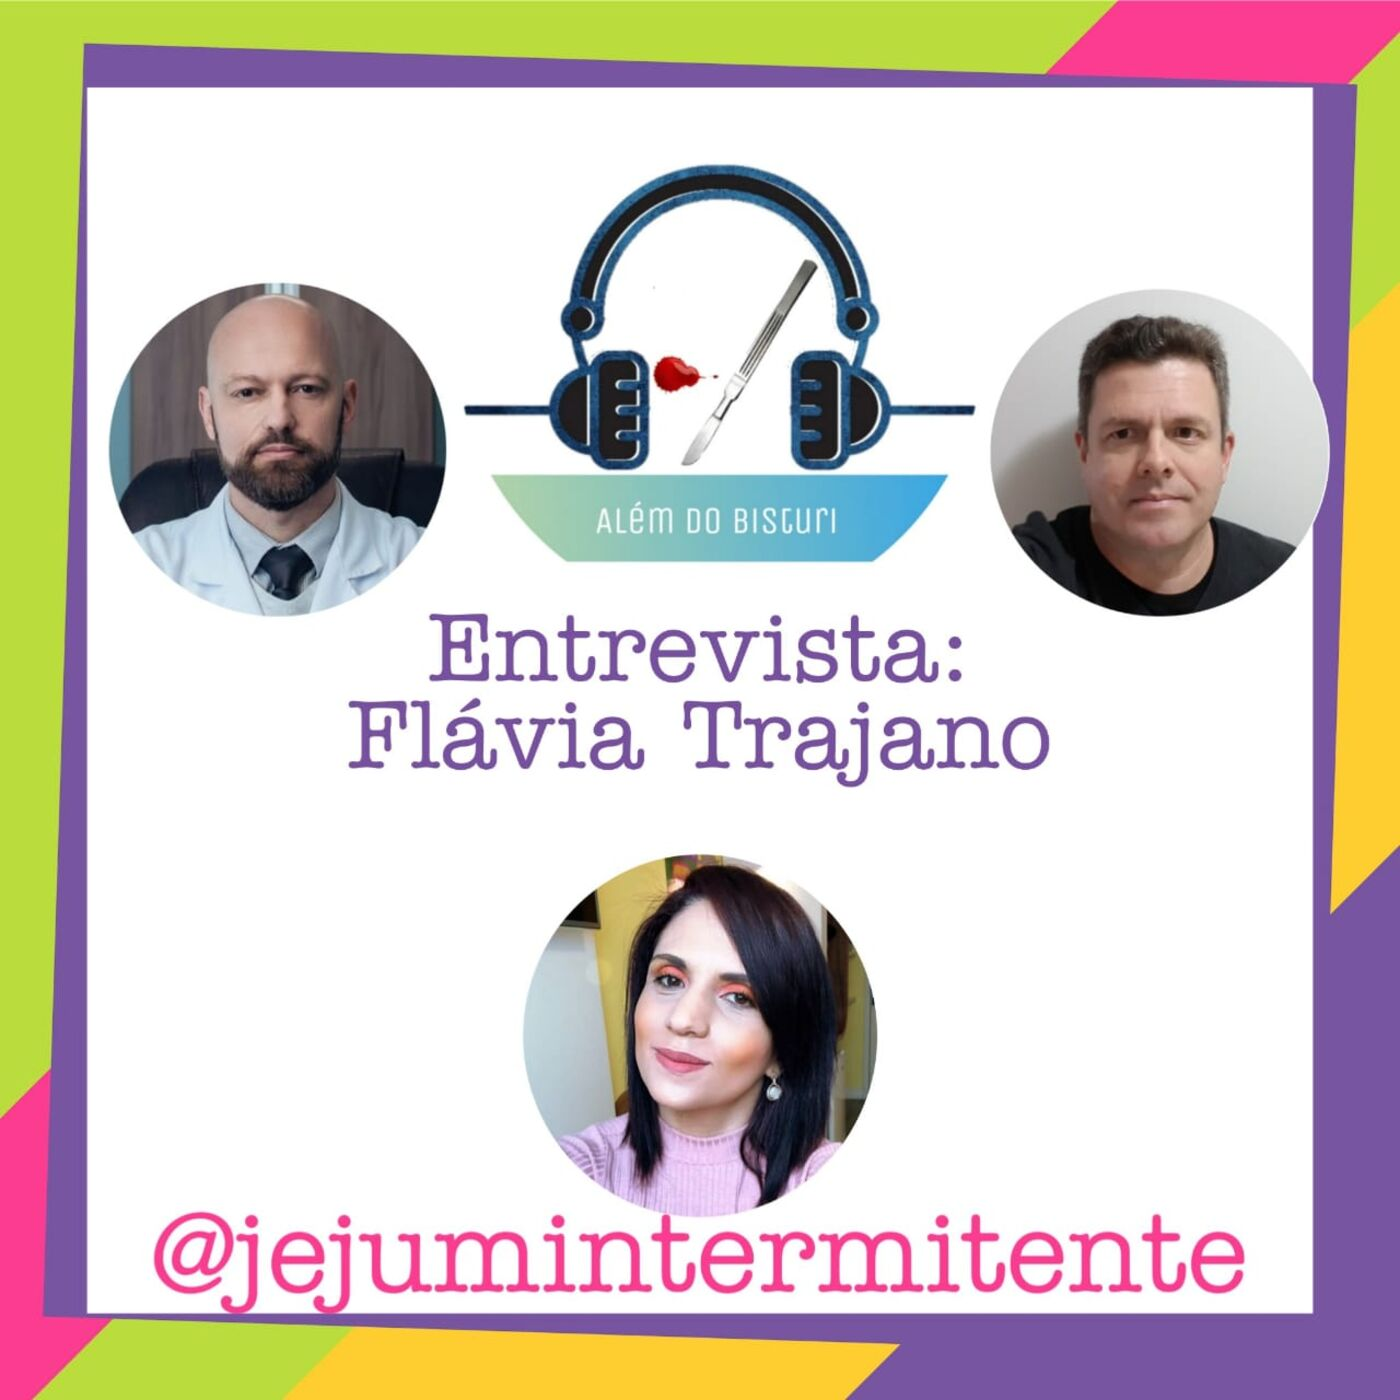 Série Entrevistas S01E03 - Entrevista: Flávia Trajano, fala tudo sobre Jejum Intermitente!